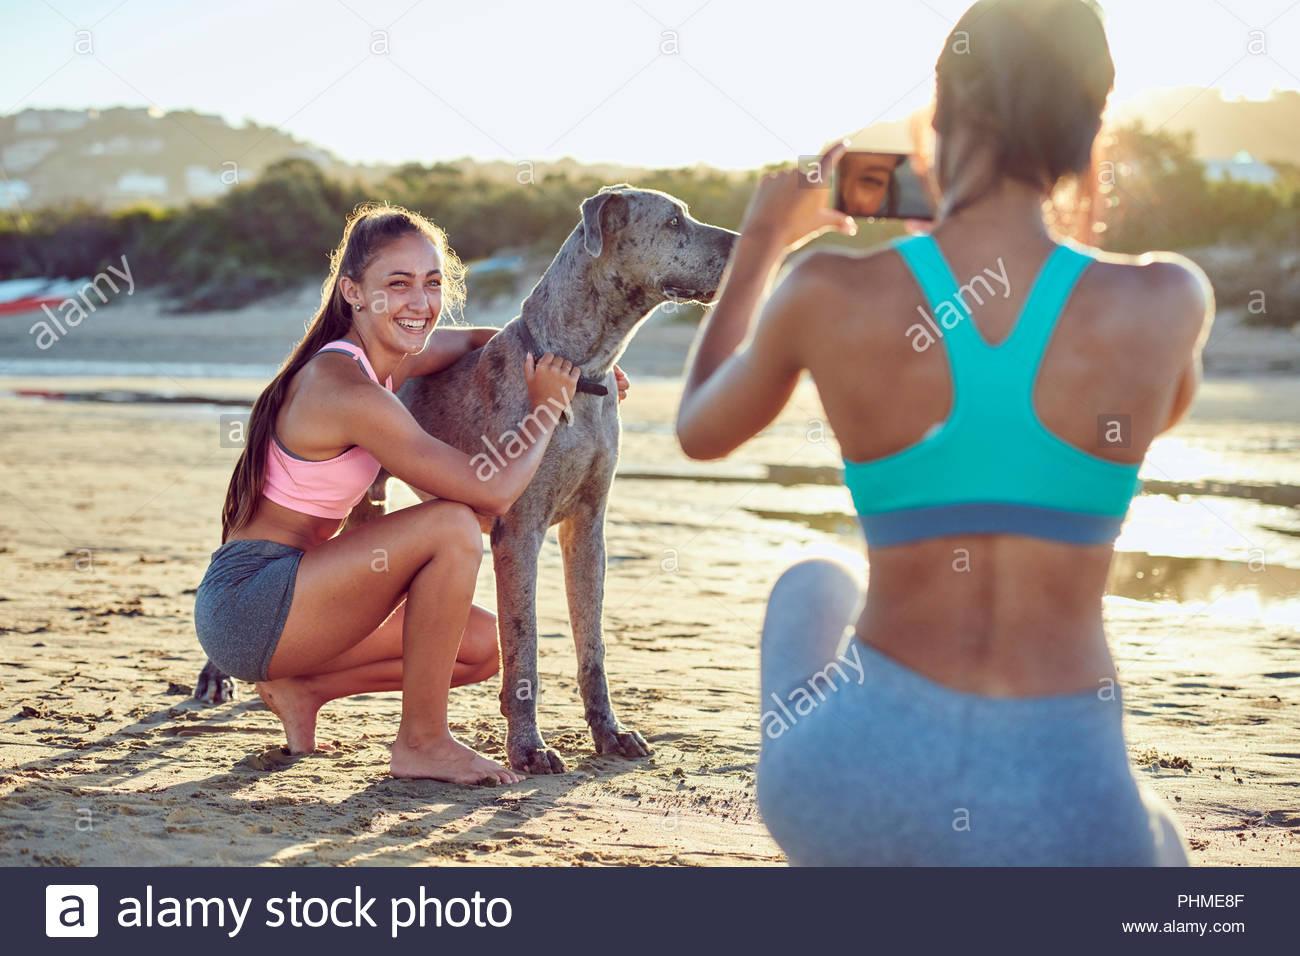 Giovane donna petting cane mentre il suo amico prende fotografia Immagini Stock